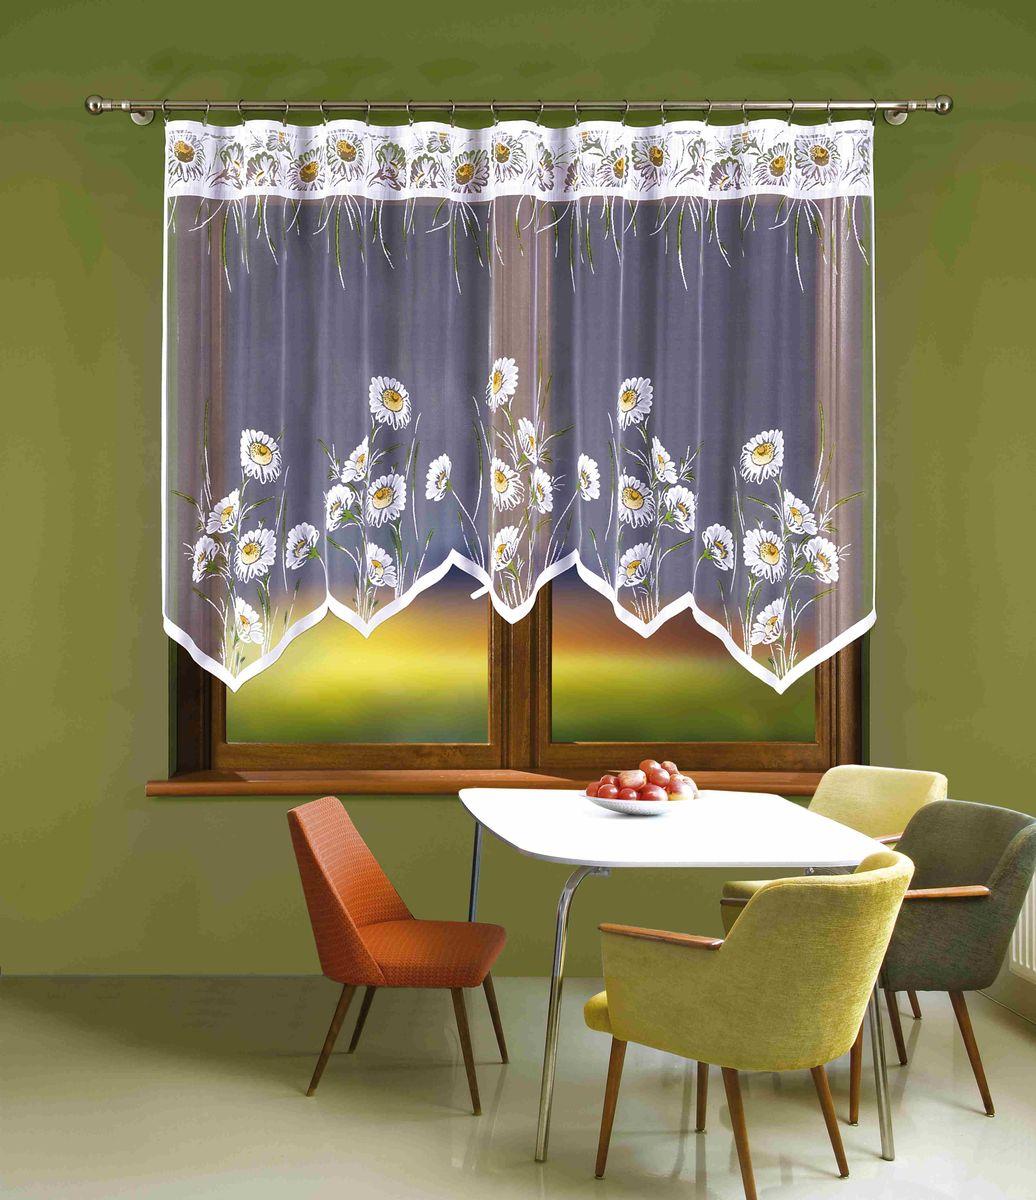 Гардина Wisan Klementynka, цвет: белый, зеленый, высота 140 см538АВоздушная гардина Wisan Klementynka, изготовленная из полиэстера, станет великолепным украшением любого окна. Оригинальный принт в виде цветочков и приятная цветовая гамма привлекут к себе внимание и органично впишутся в интерьер комнаты. Оригинальное оформление гардины внесет разнообразие и подарит заряд положительного настроения. Верхняя часть гардины не оснащена креплениями.